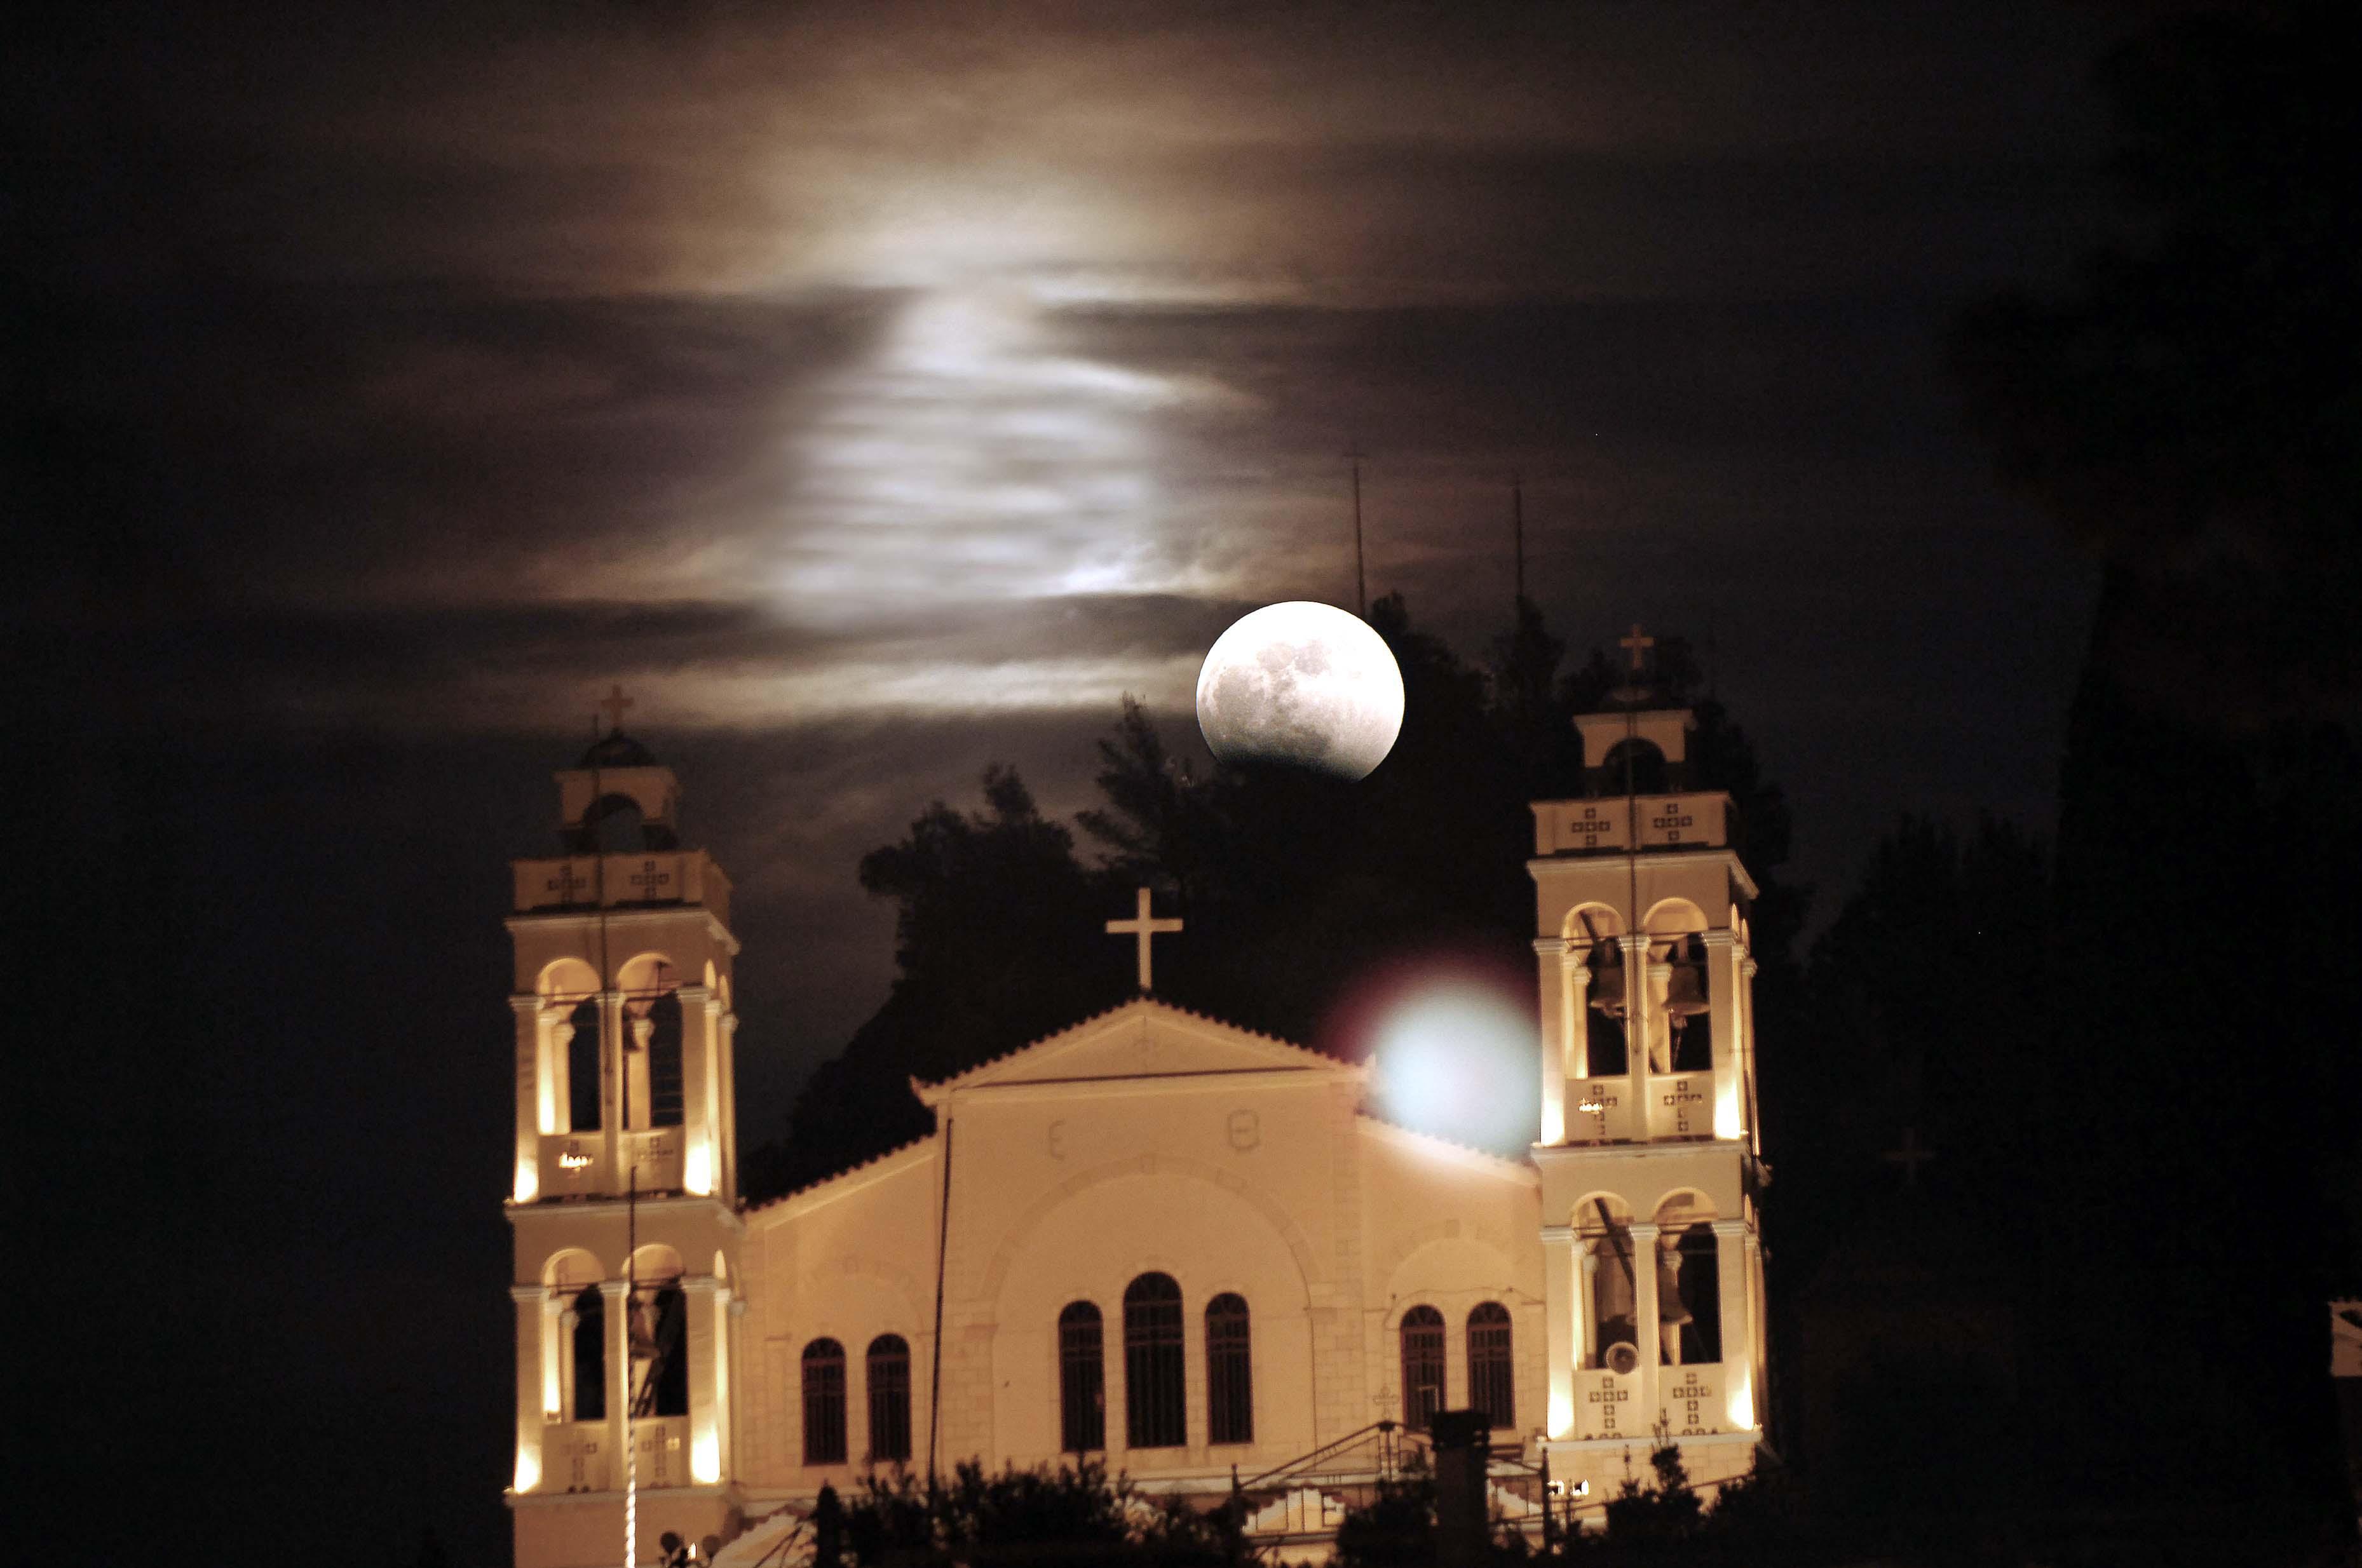 Ναύπλιο: Από προηγούμενη έκλειψη σελήνης - ΦΩΤΟ EUROKINISSI